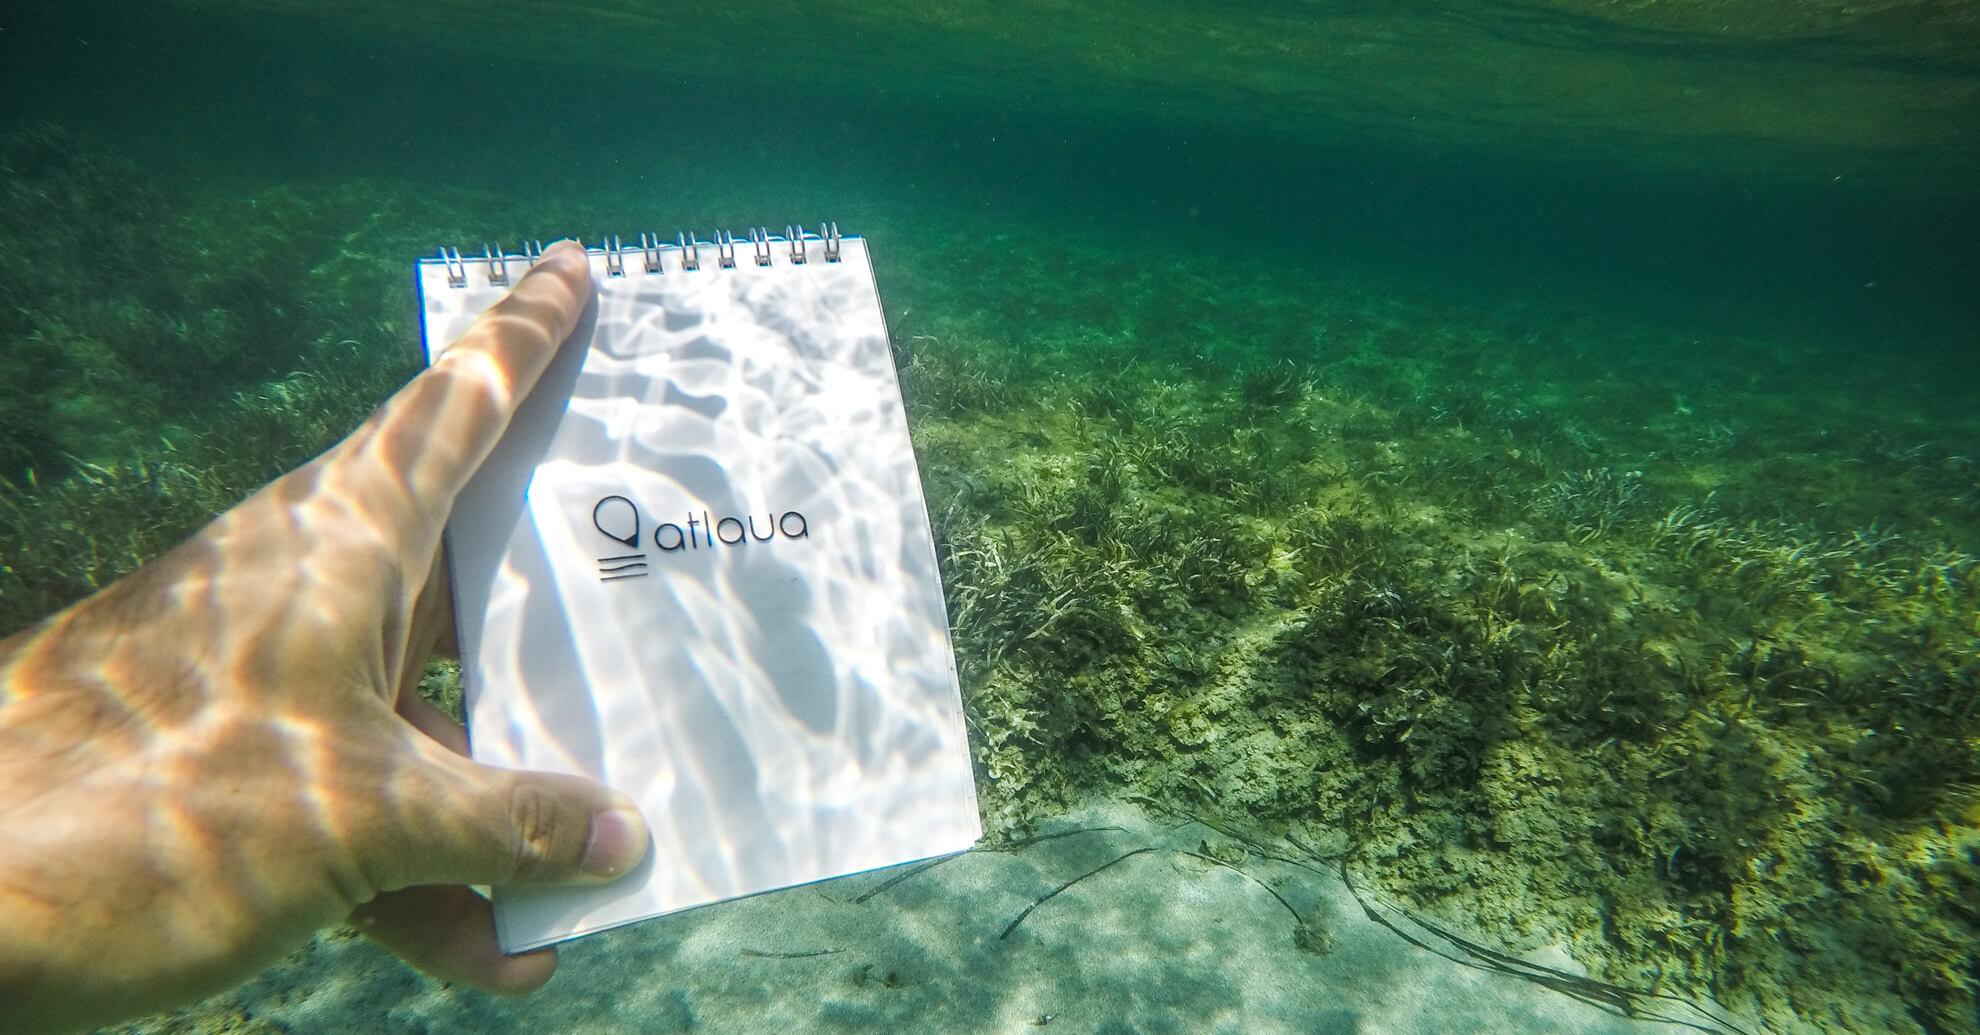 atlaua-waterproof-field-notes